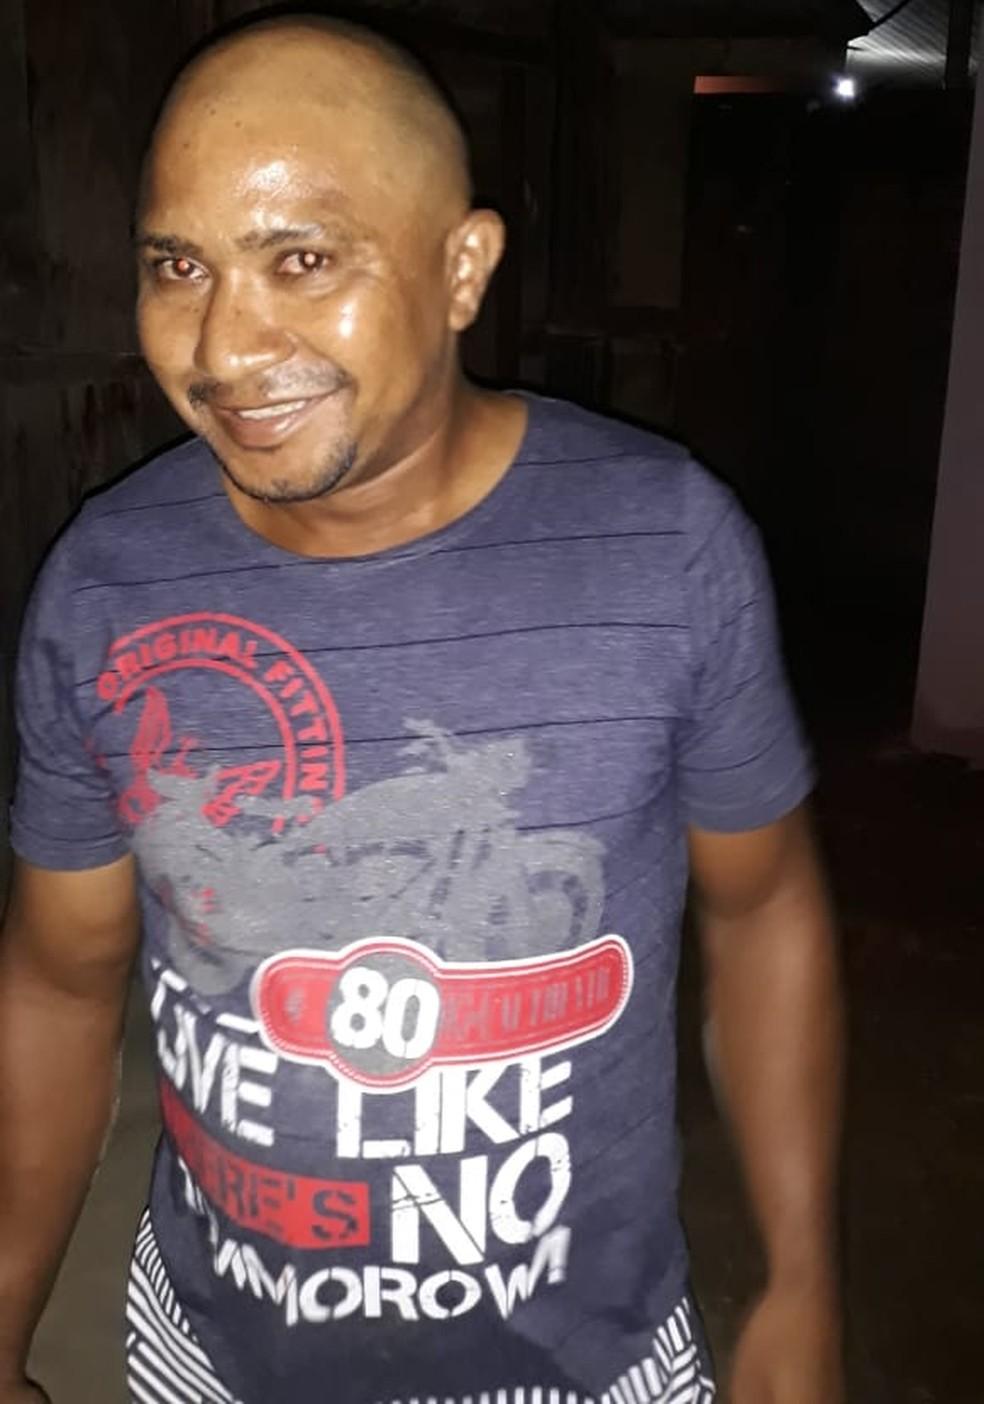 José Carlos Cardoso da Silva é procurado pela polícia em Peixoto de Azevedo — Foto: Polícia Civil de Mato Grosso/Divulgação